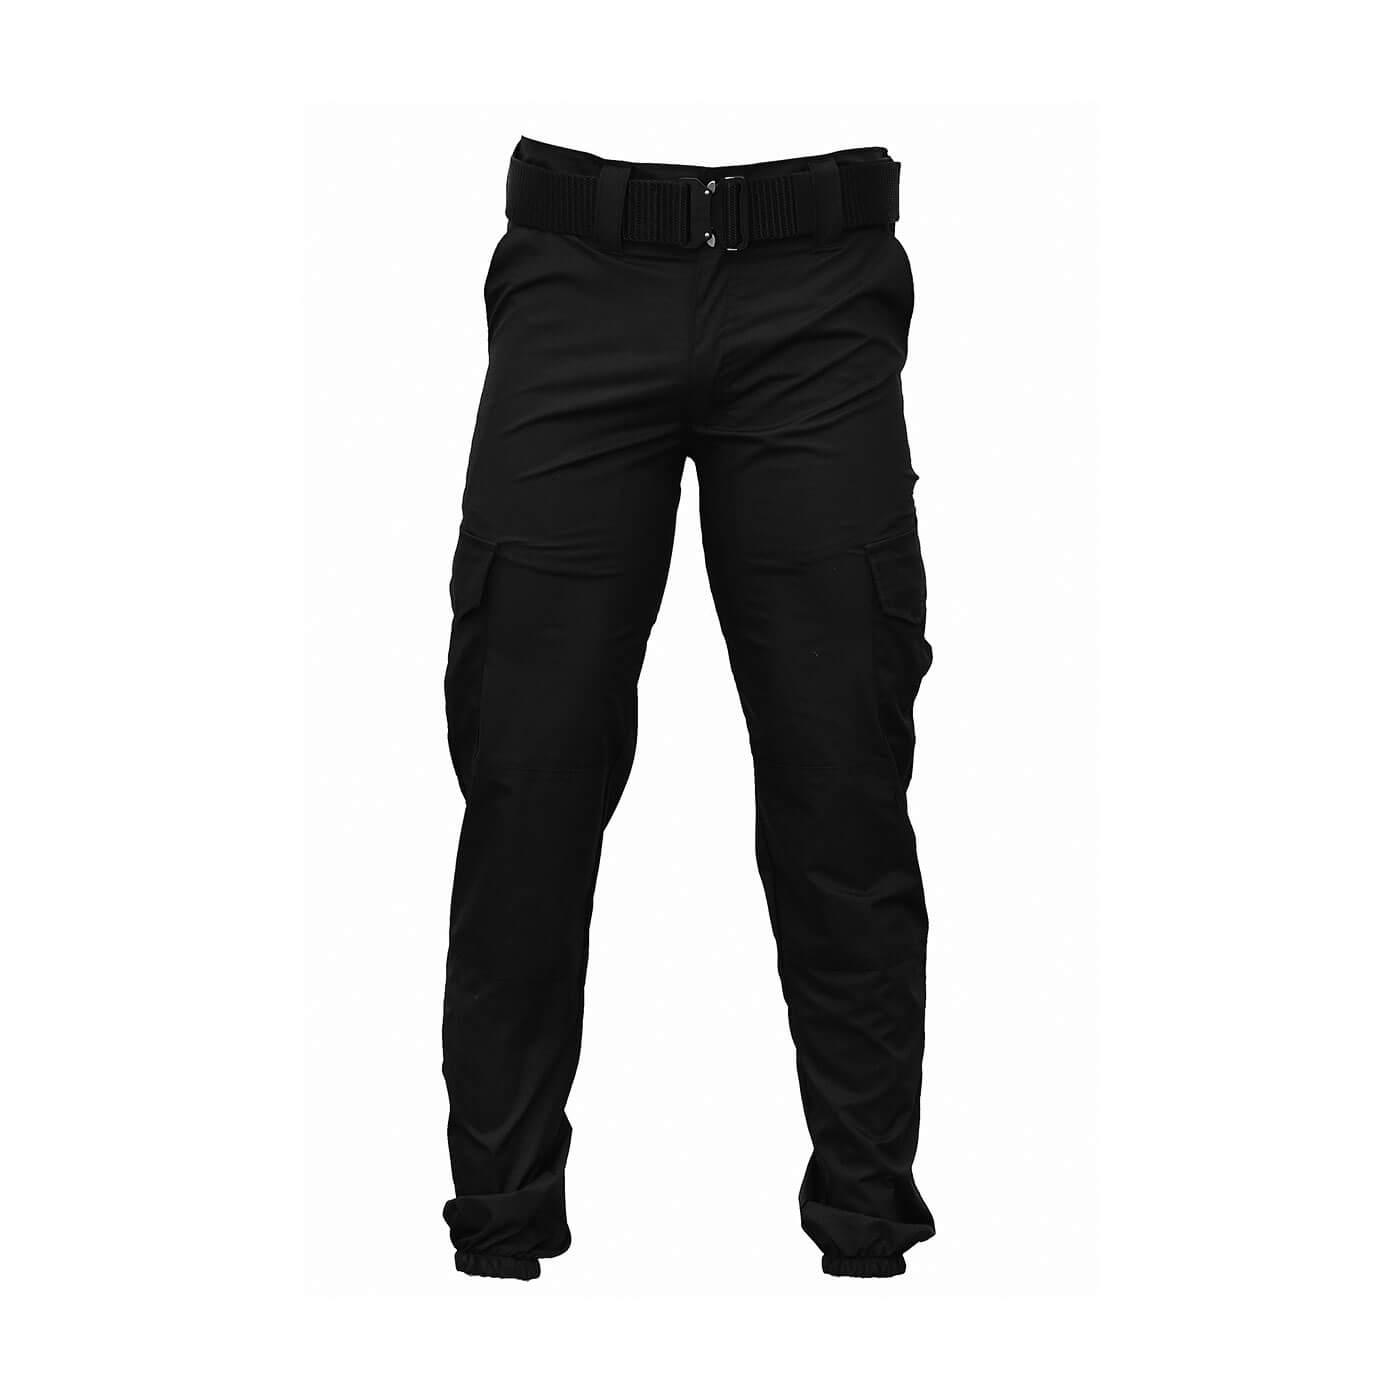 Pantalon-Ultra-Negro_0000s_0010_Pantalon-ultra2